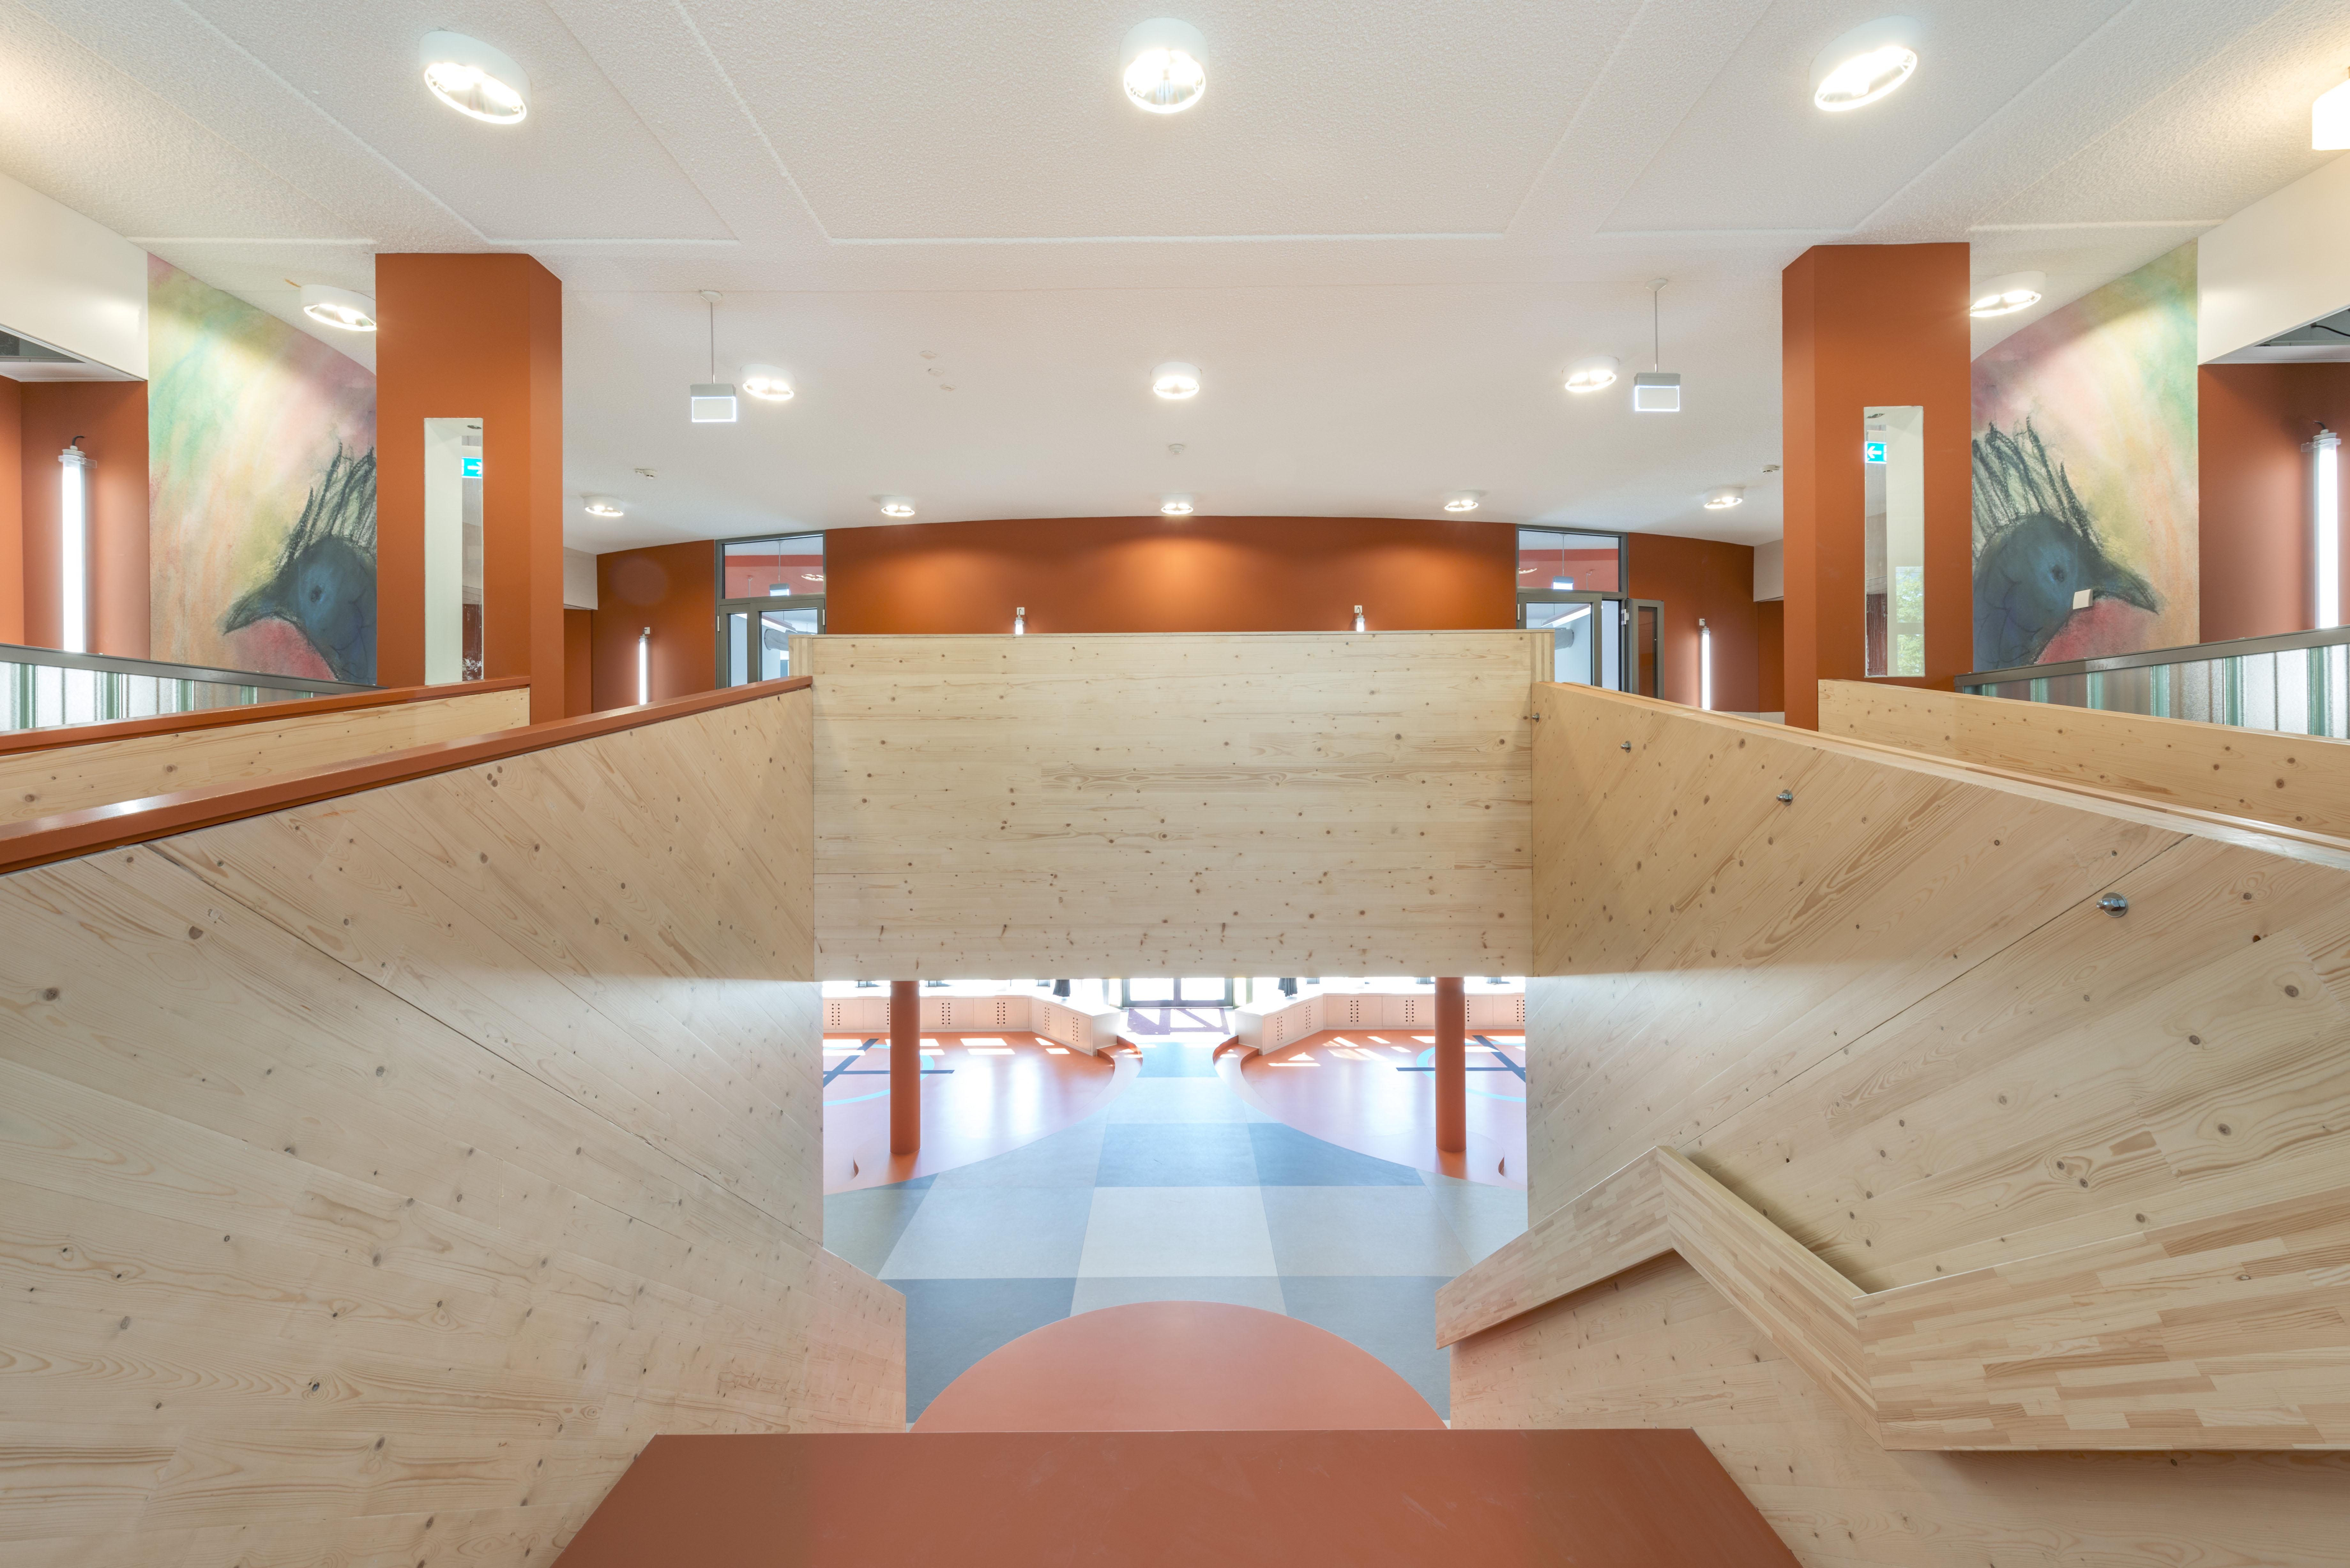 Brede School Het Meervoud - De Architect